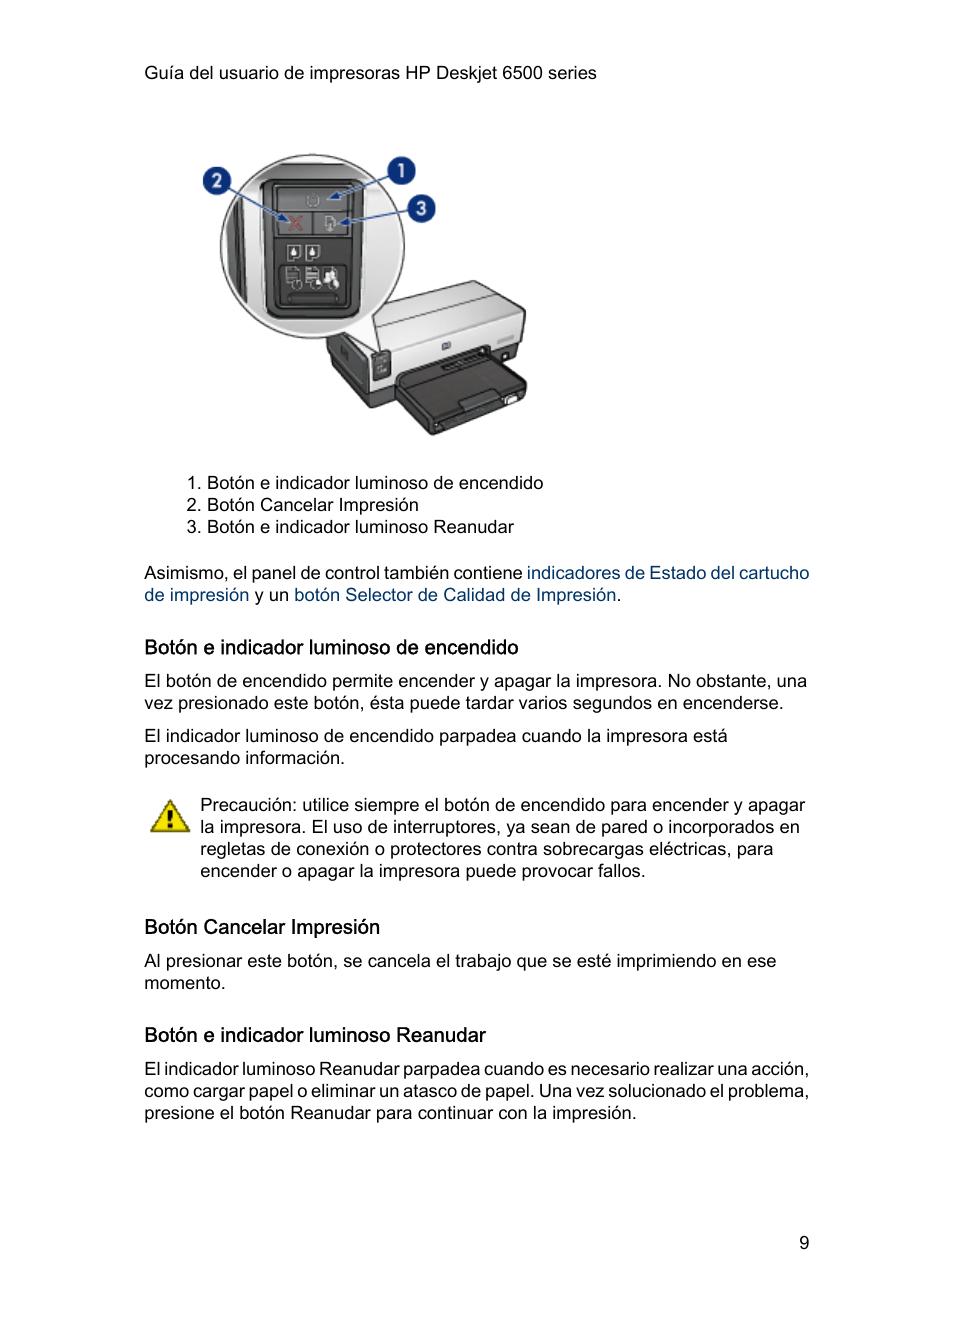 Botón e indicador luminoso de encendido, Botón cancelar impresión ...